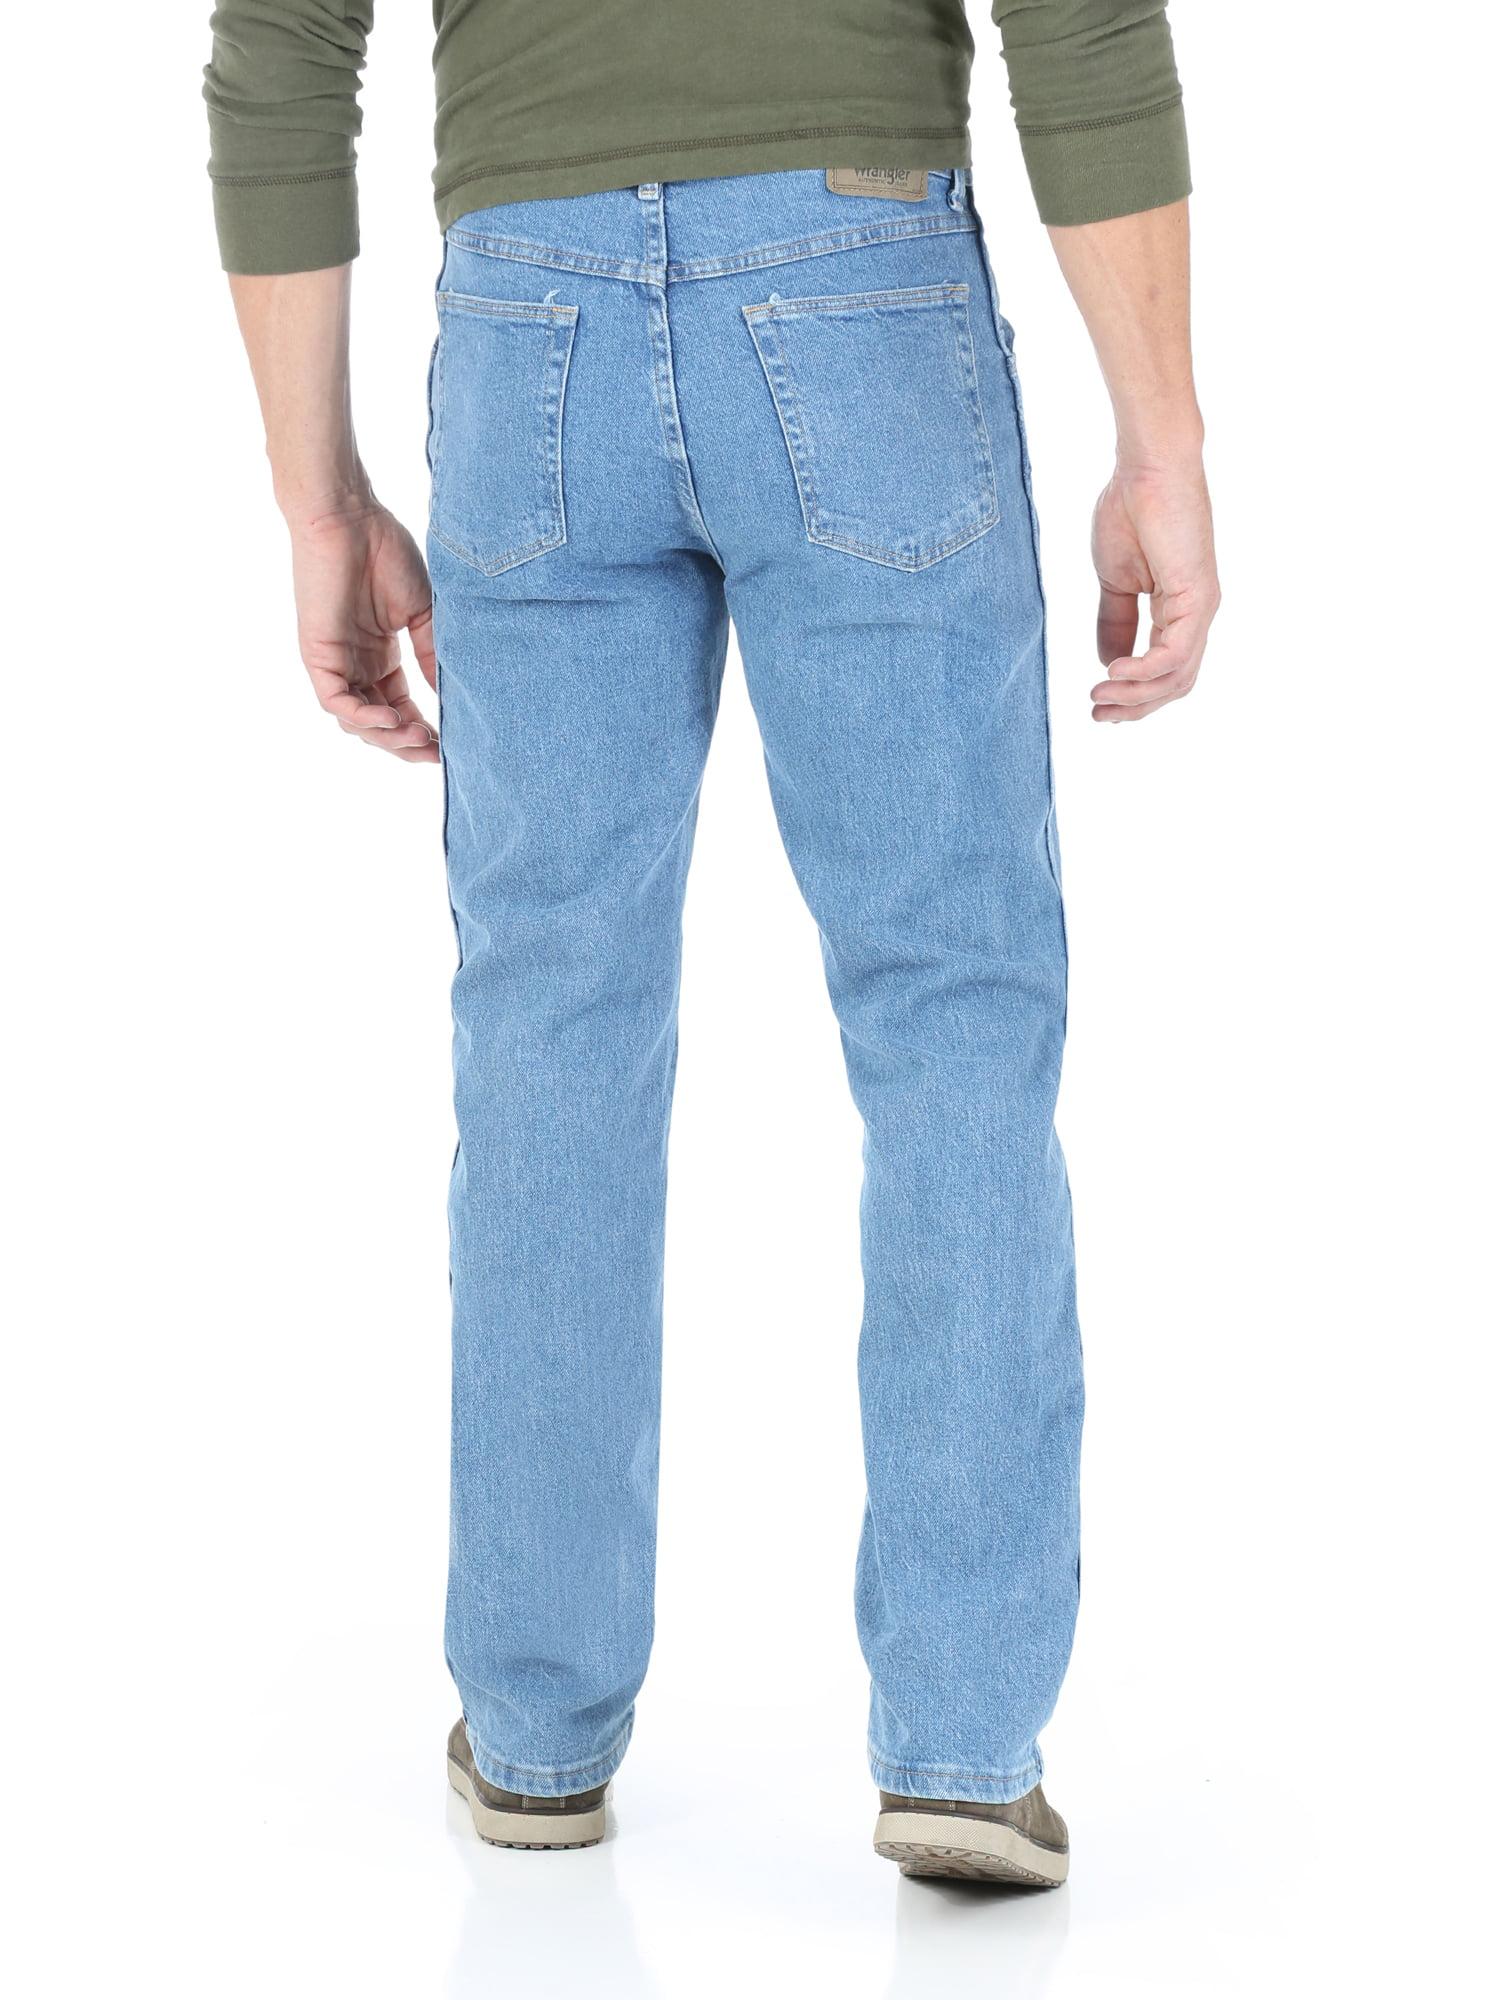 e4b35c8344 Wrangler - Men s Regular Fit Jean with Comfort Flex waistband - Walmart.com